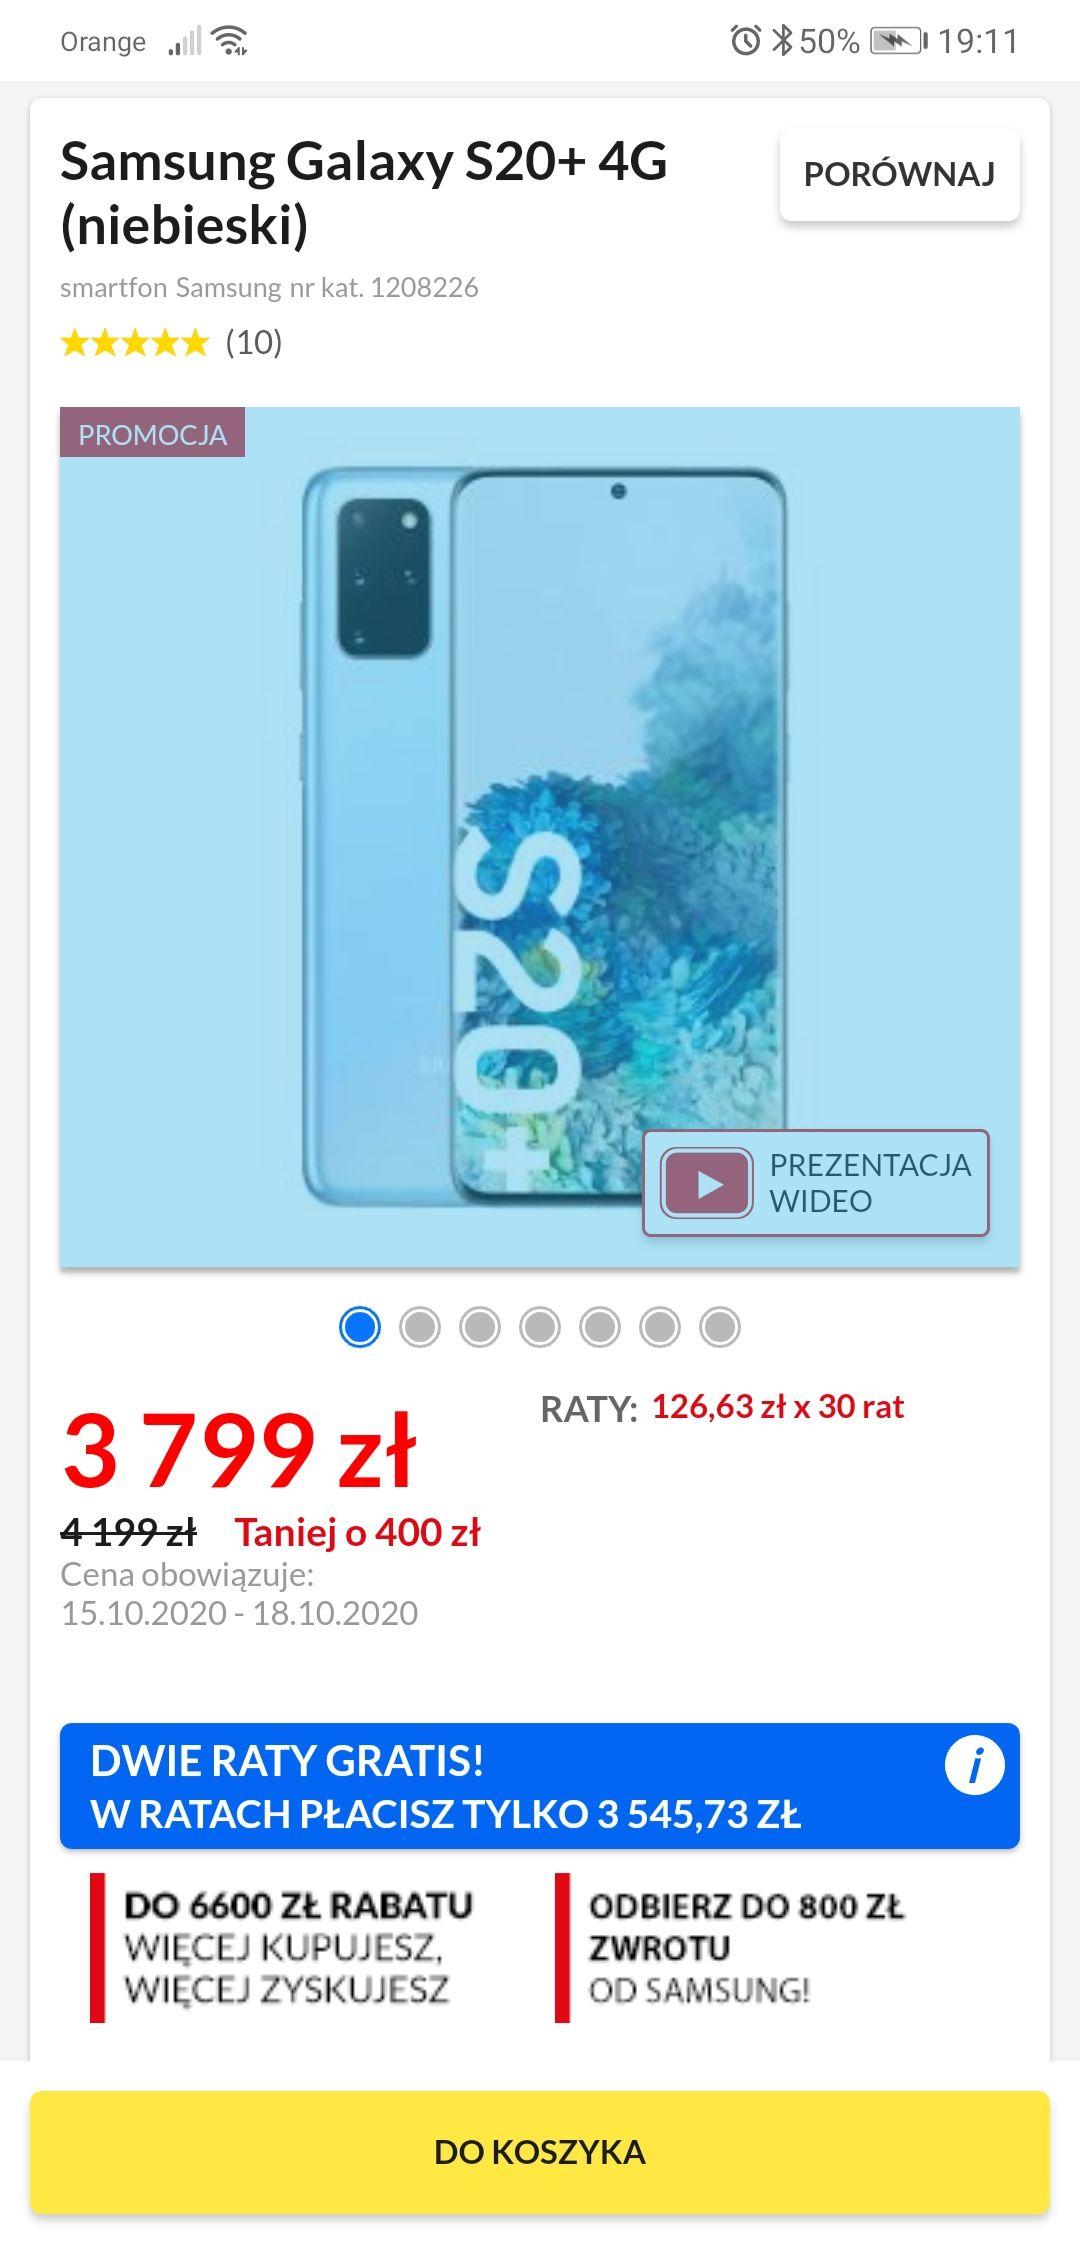 Samsung Galaxy s20+ 4G. Możliwa obniżka ceny do 2 945,73 zł